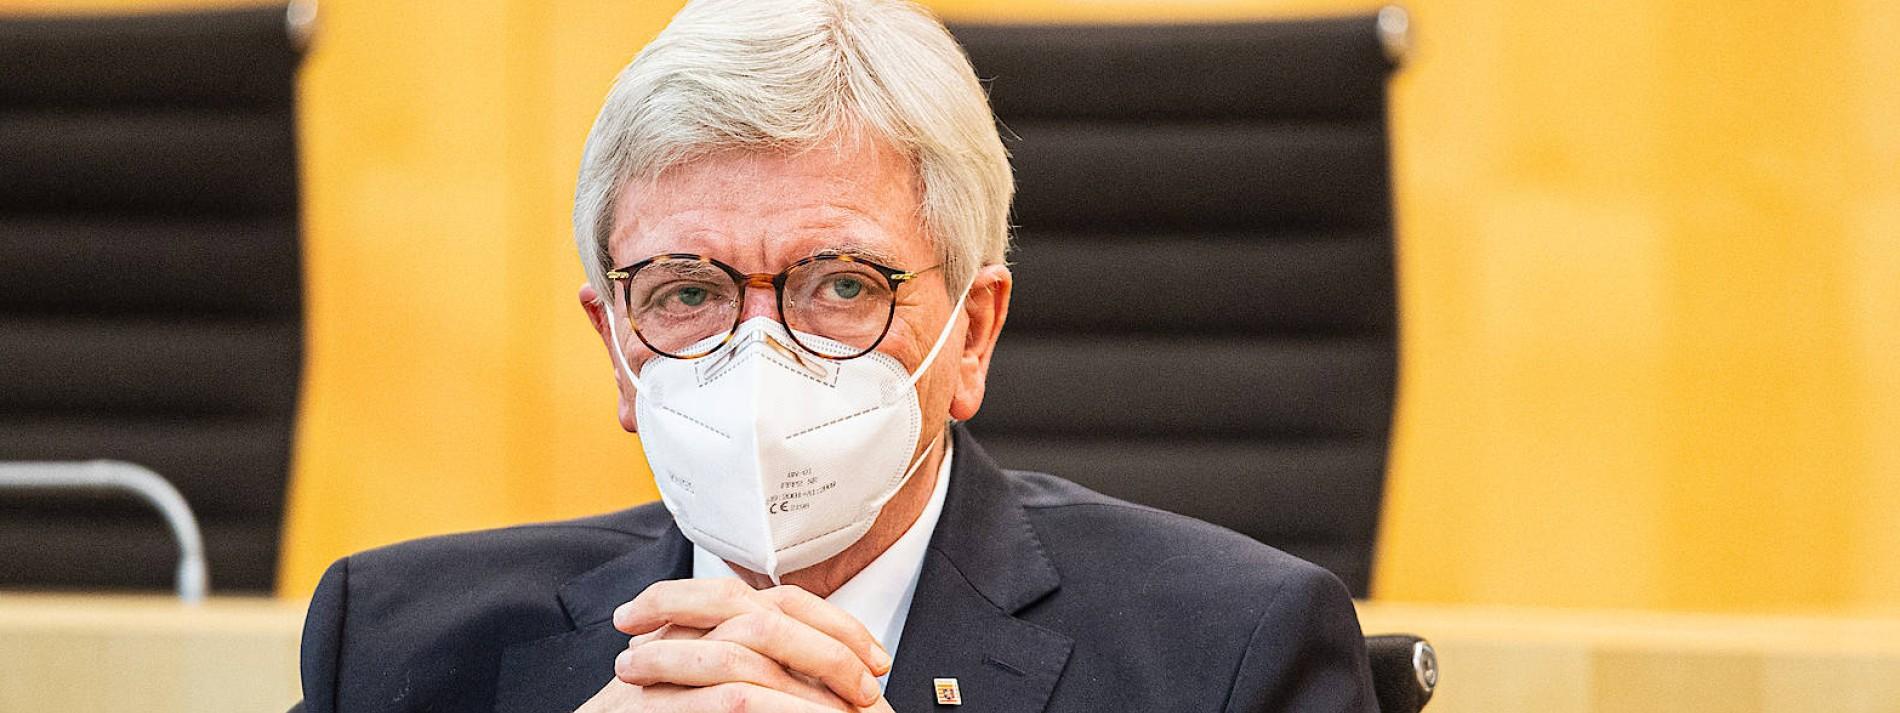 Wie Bouffier von der Merkel-Linie abrückt